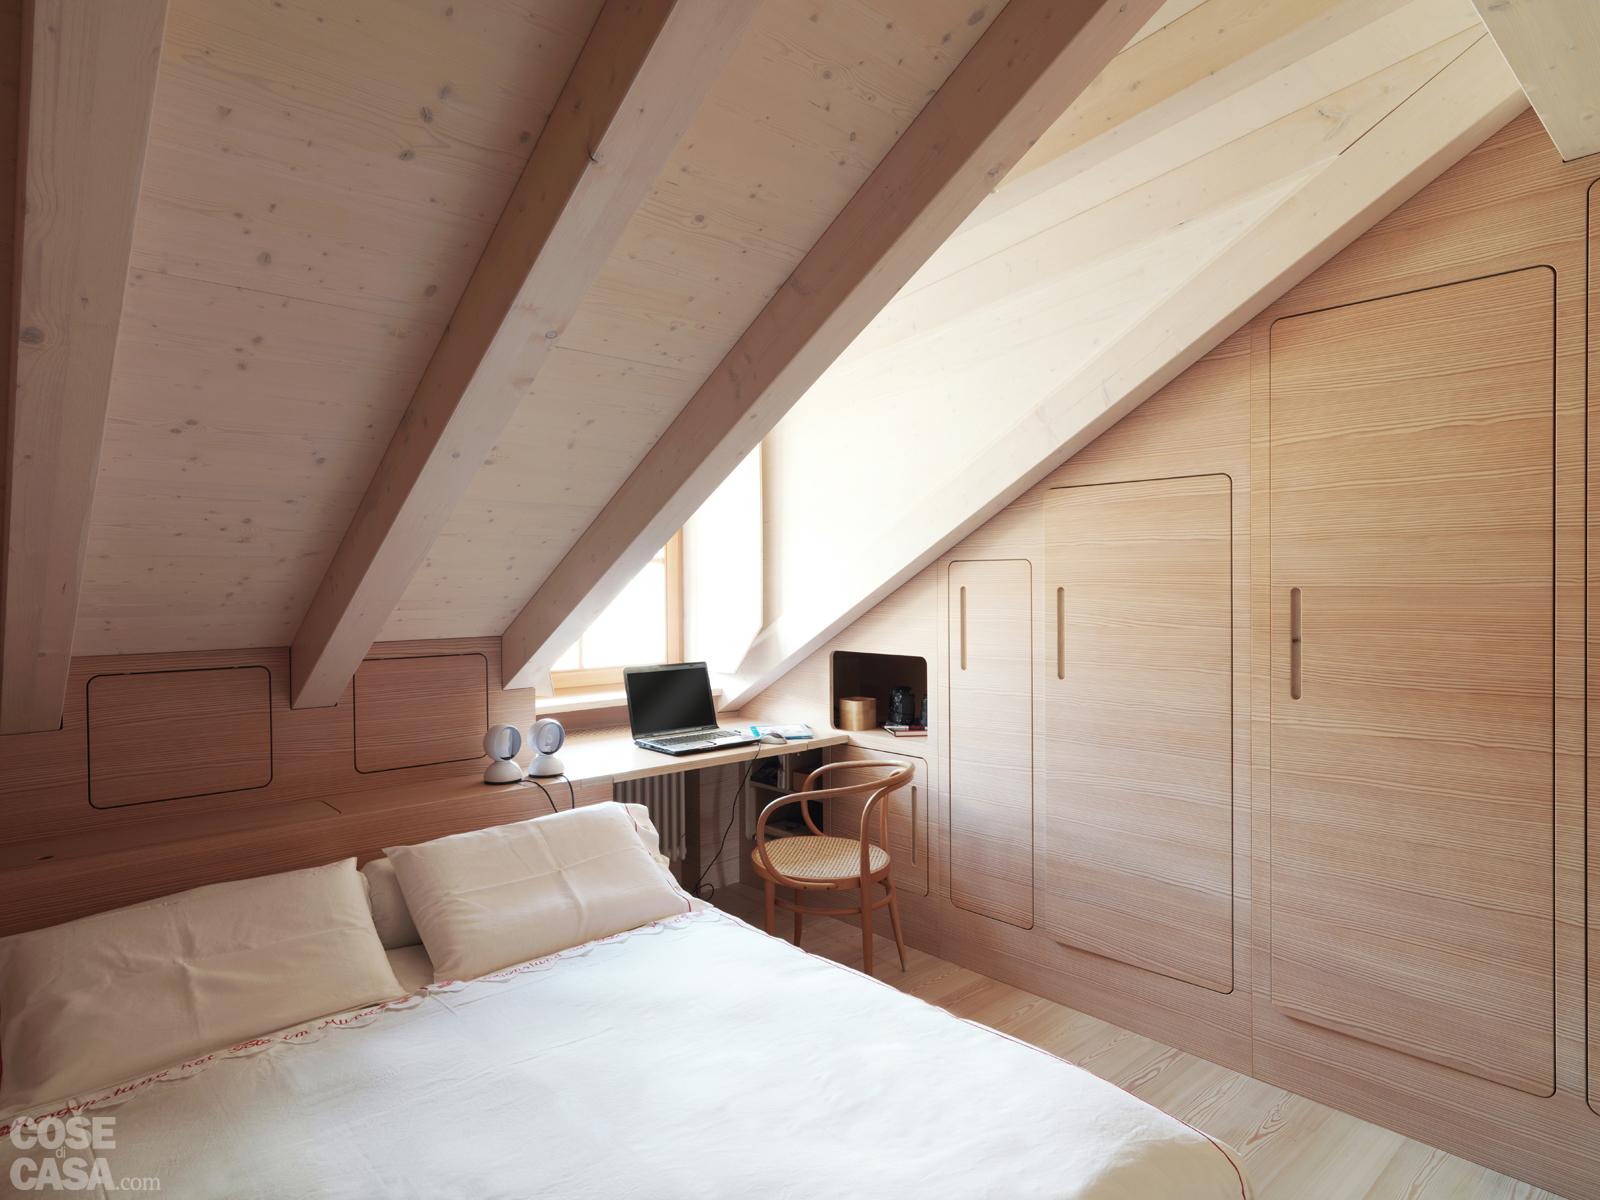 come ricavare cabina armadio da tetto mansardato - Idee Cabina Armadio Mansarda